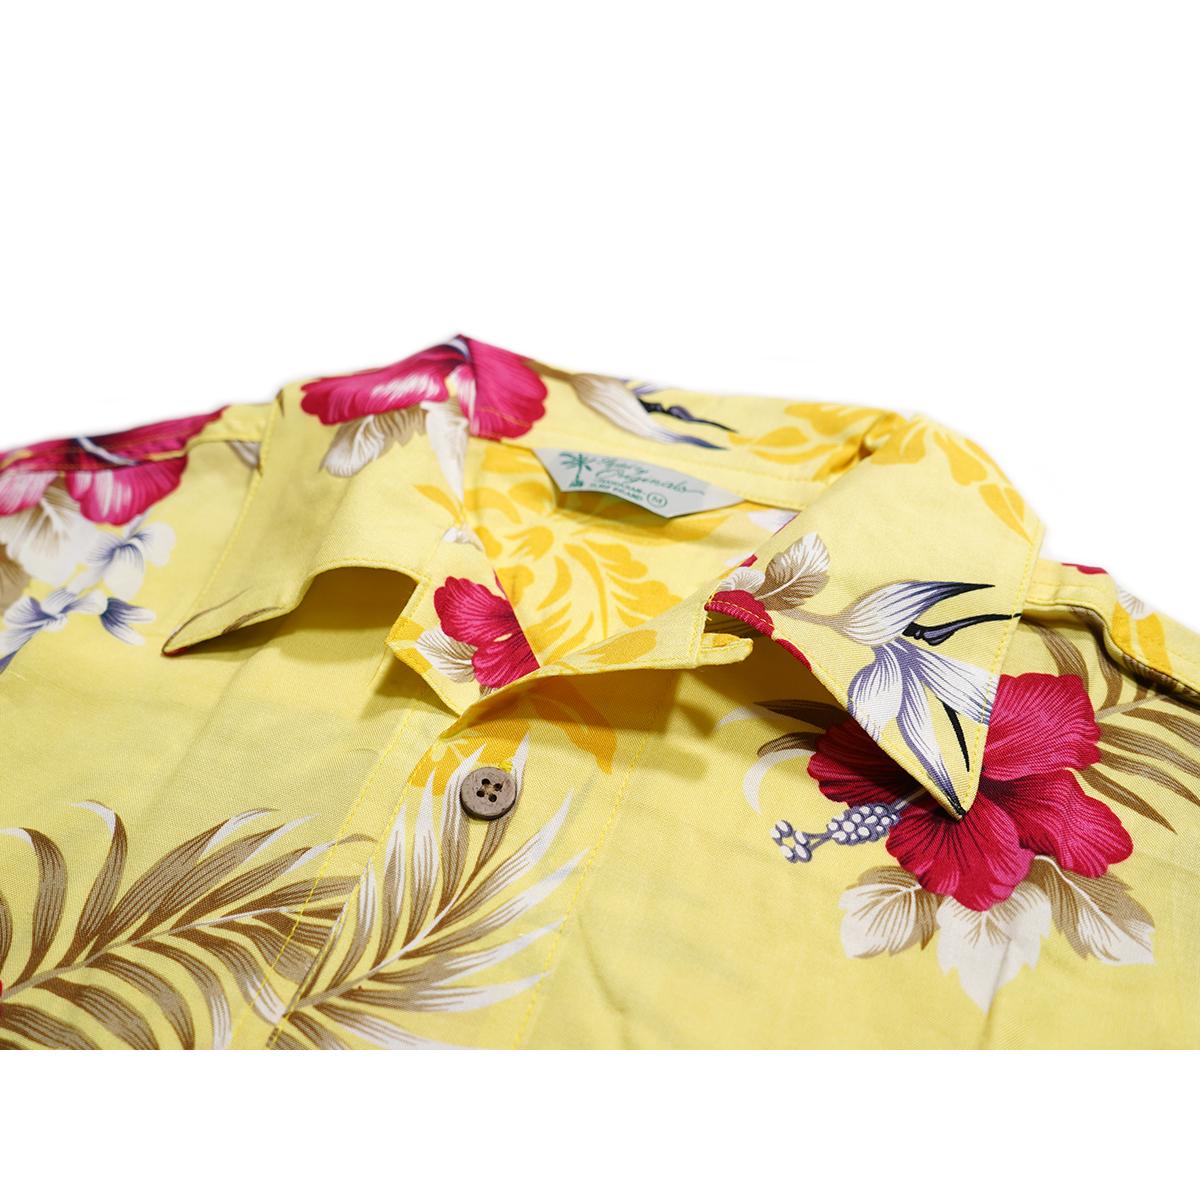 【新品】 アロハシャツ レーヨン フラワー柄■ 5Lサイズ(4XL) / イエロー黄29 ■大きいサイズ ボタニカル 花 オープンカラー b008_画像3